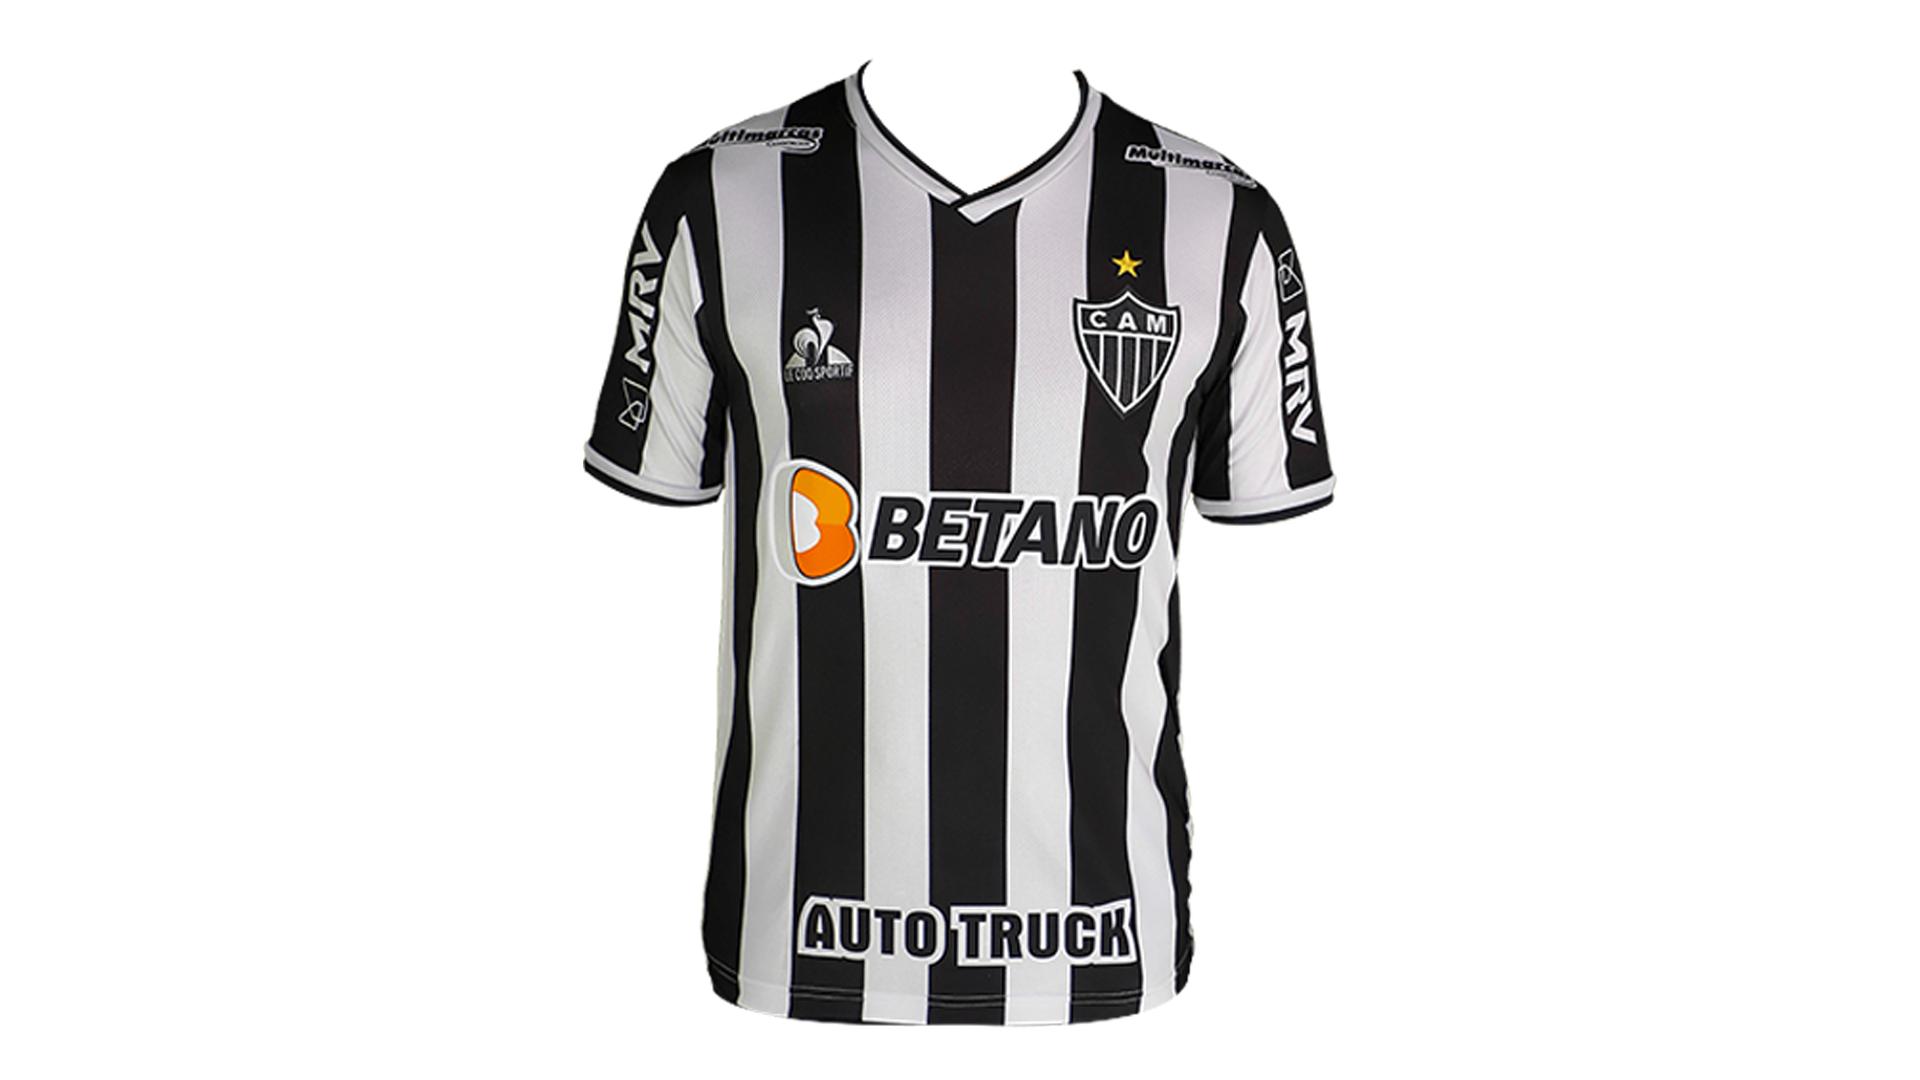 Camisa do Galo 2021 Le Coq Sportif Jogo 1 (Imagem: Divulgação/Le Coq Sportif)